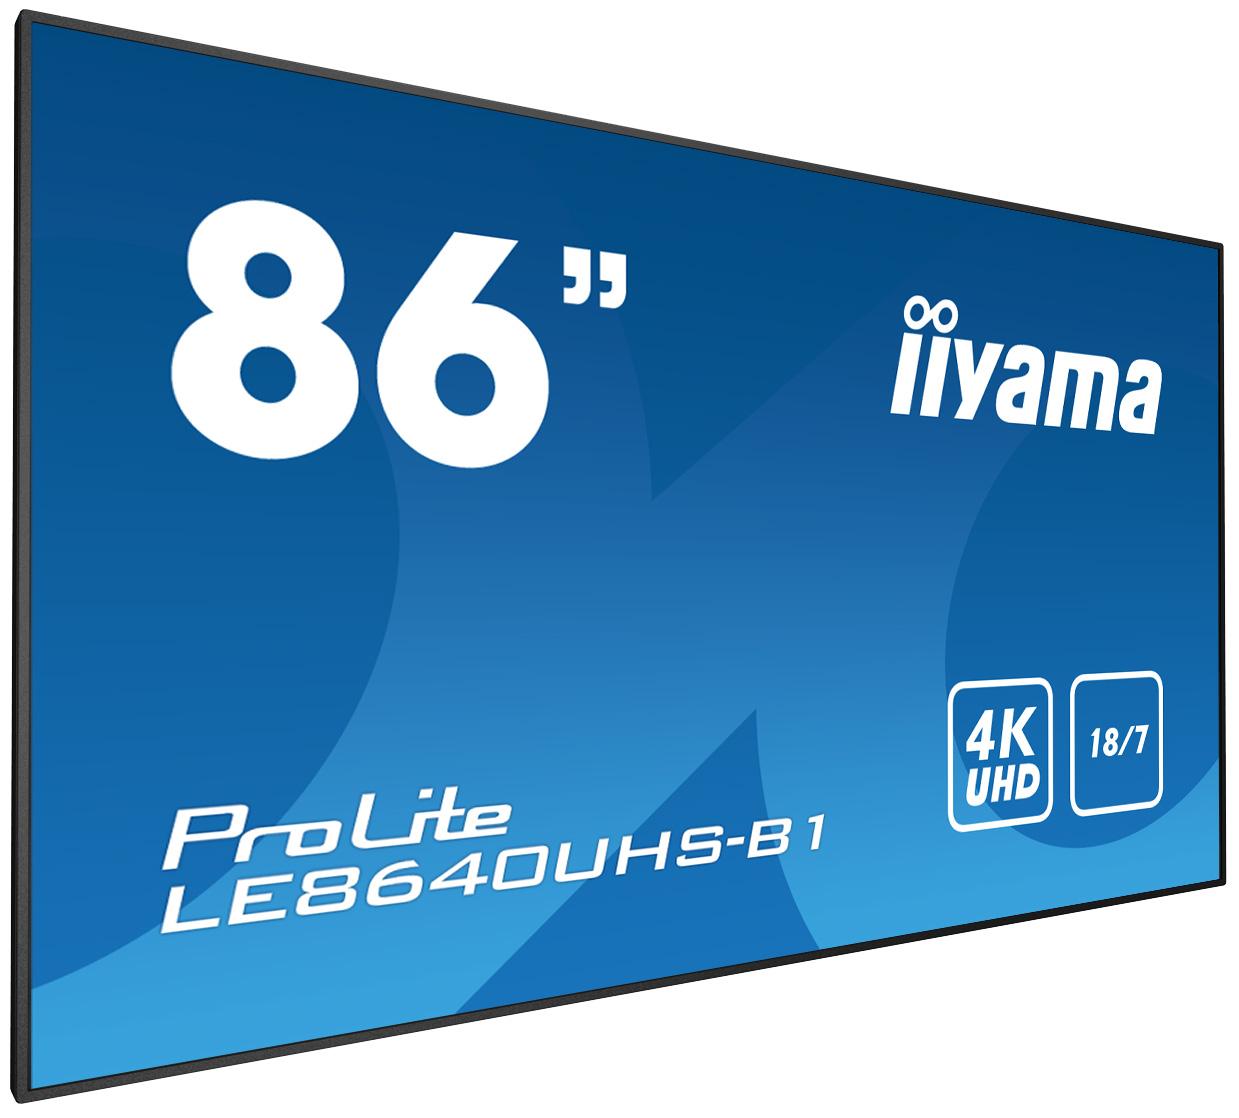 iiyama - ProLite LE8640UHS-B1